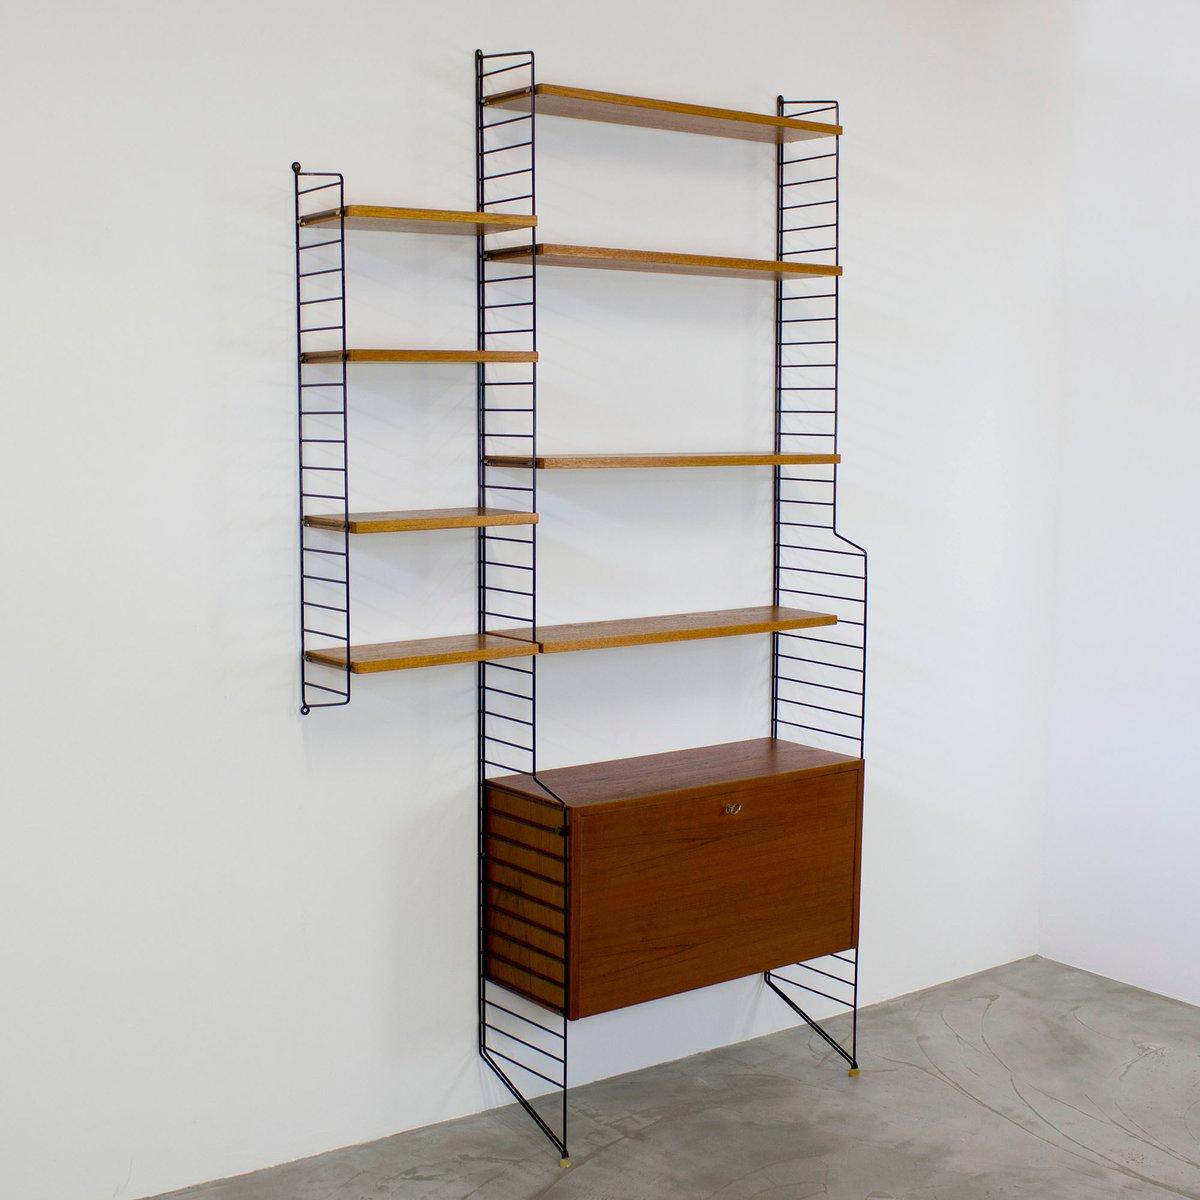 vintage teak wall unit by katja nisse strinning for string 1949 for sale at pamono. Black Bedroom Furniture Sets. Home Design Ideas